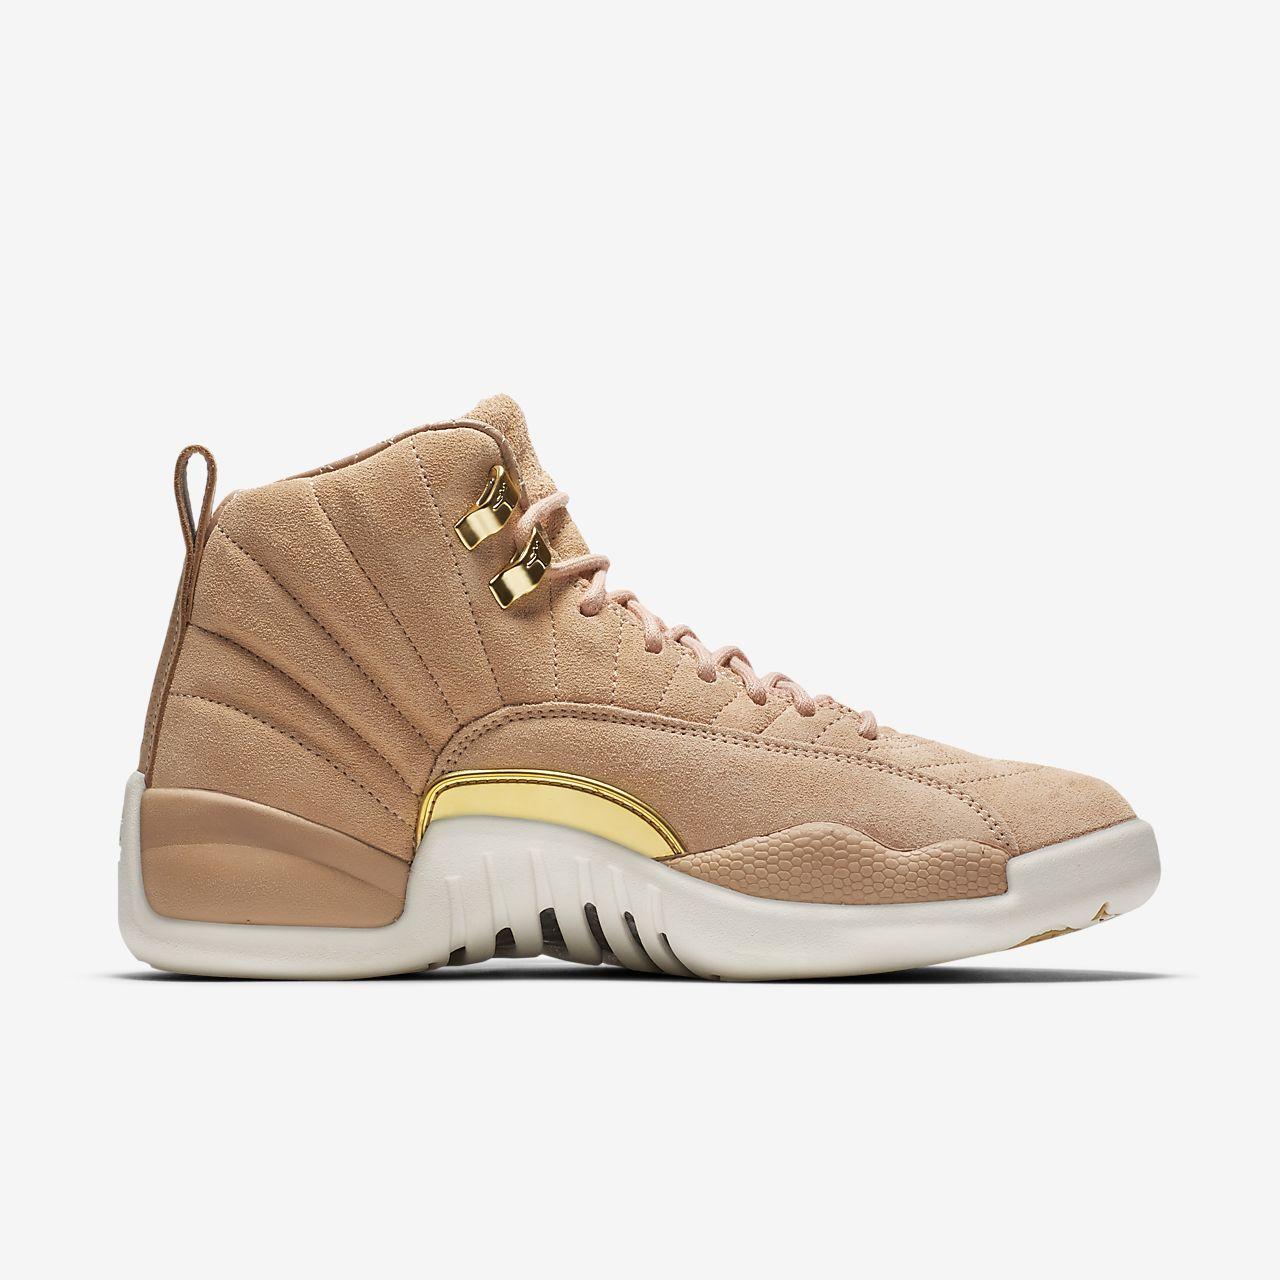 wholesale dealer 80a33 0ab9a ... Air Jordan 12 Retro Women s Shoe